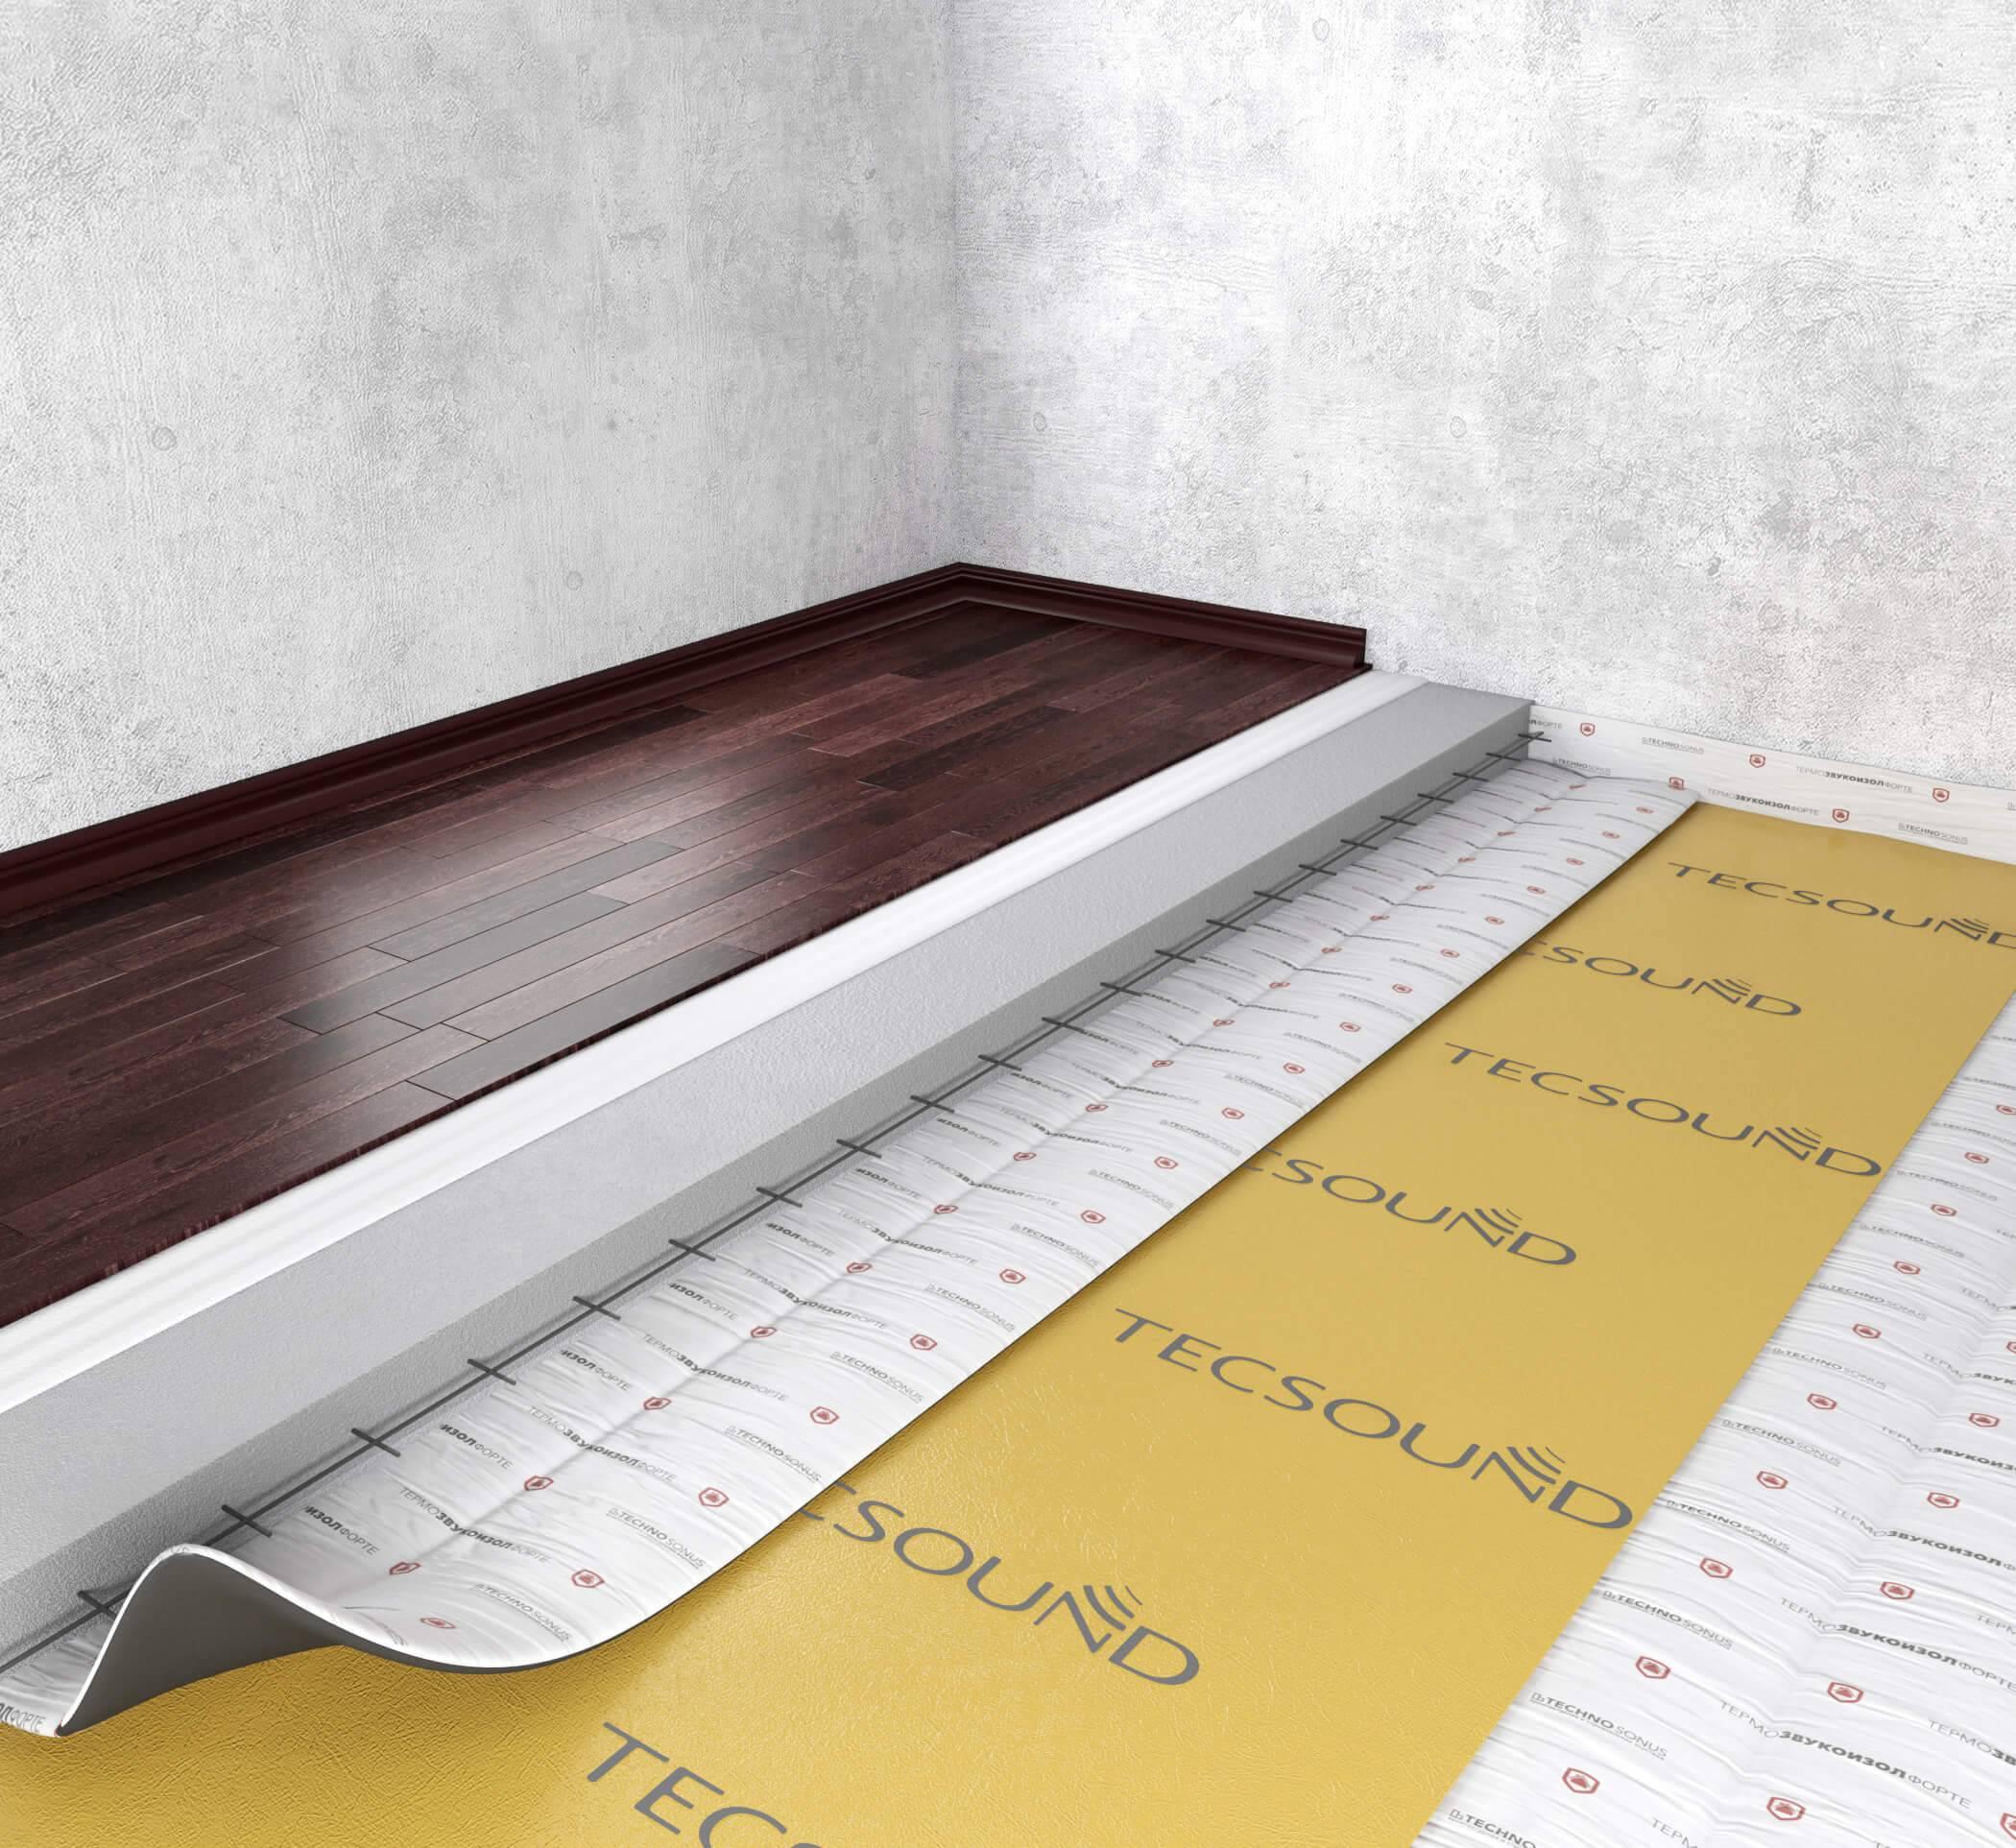 Звукоизоляция пола в квартире под стяжку: шумоизоляция с помощью подложки, какие материалы лучше, как сделать своими руками